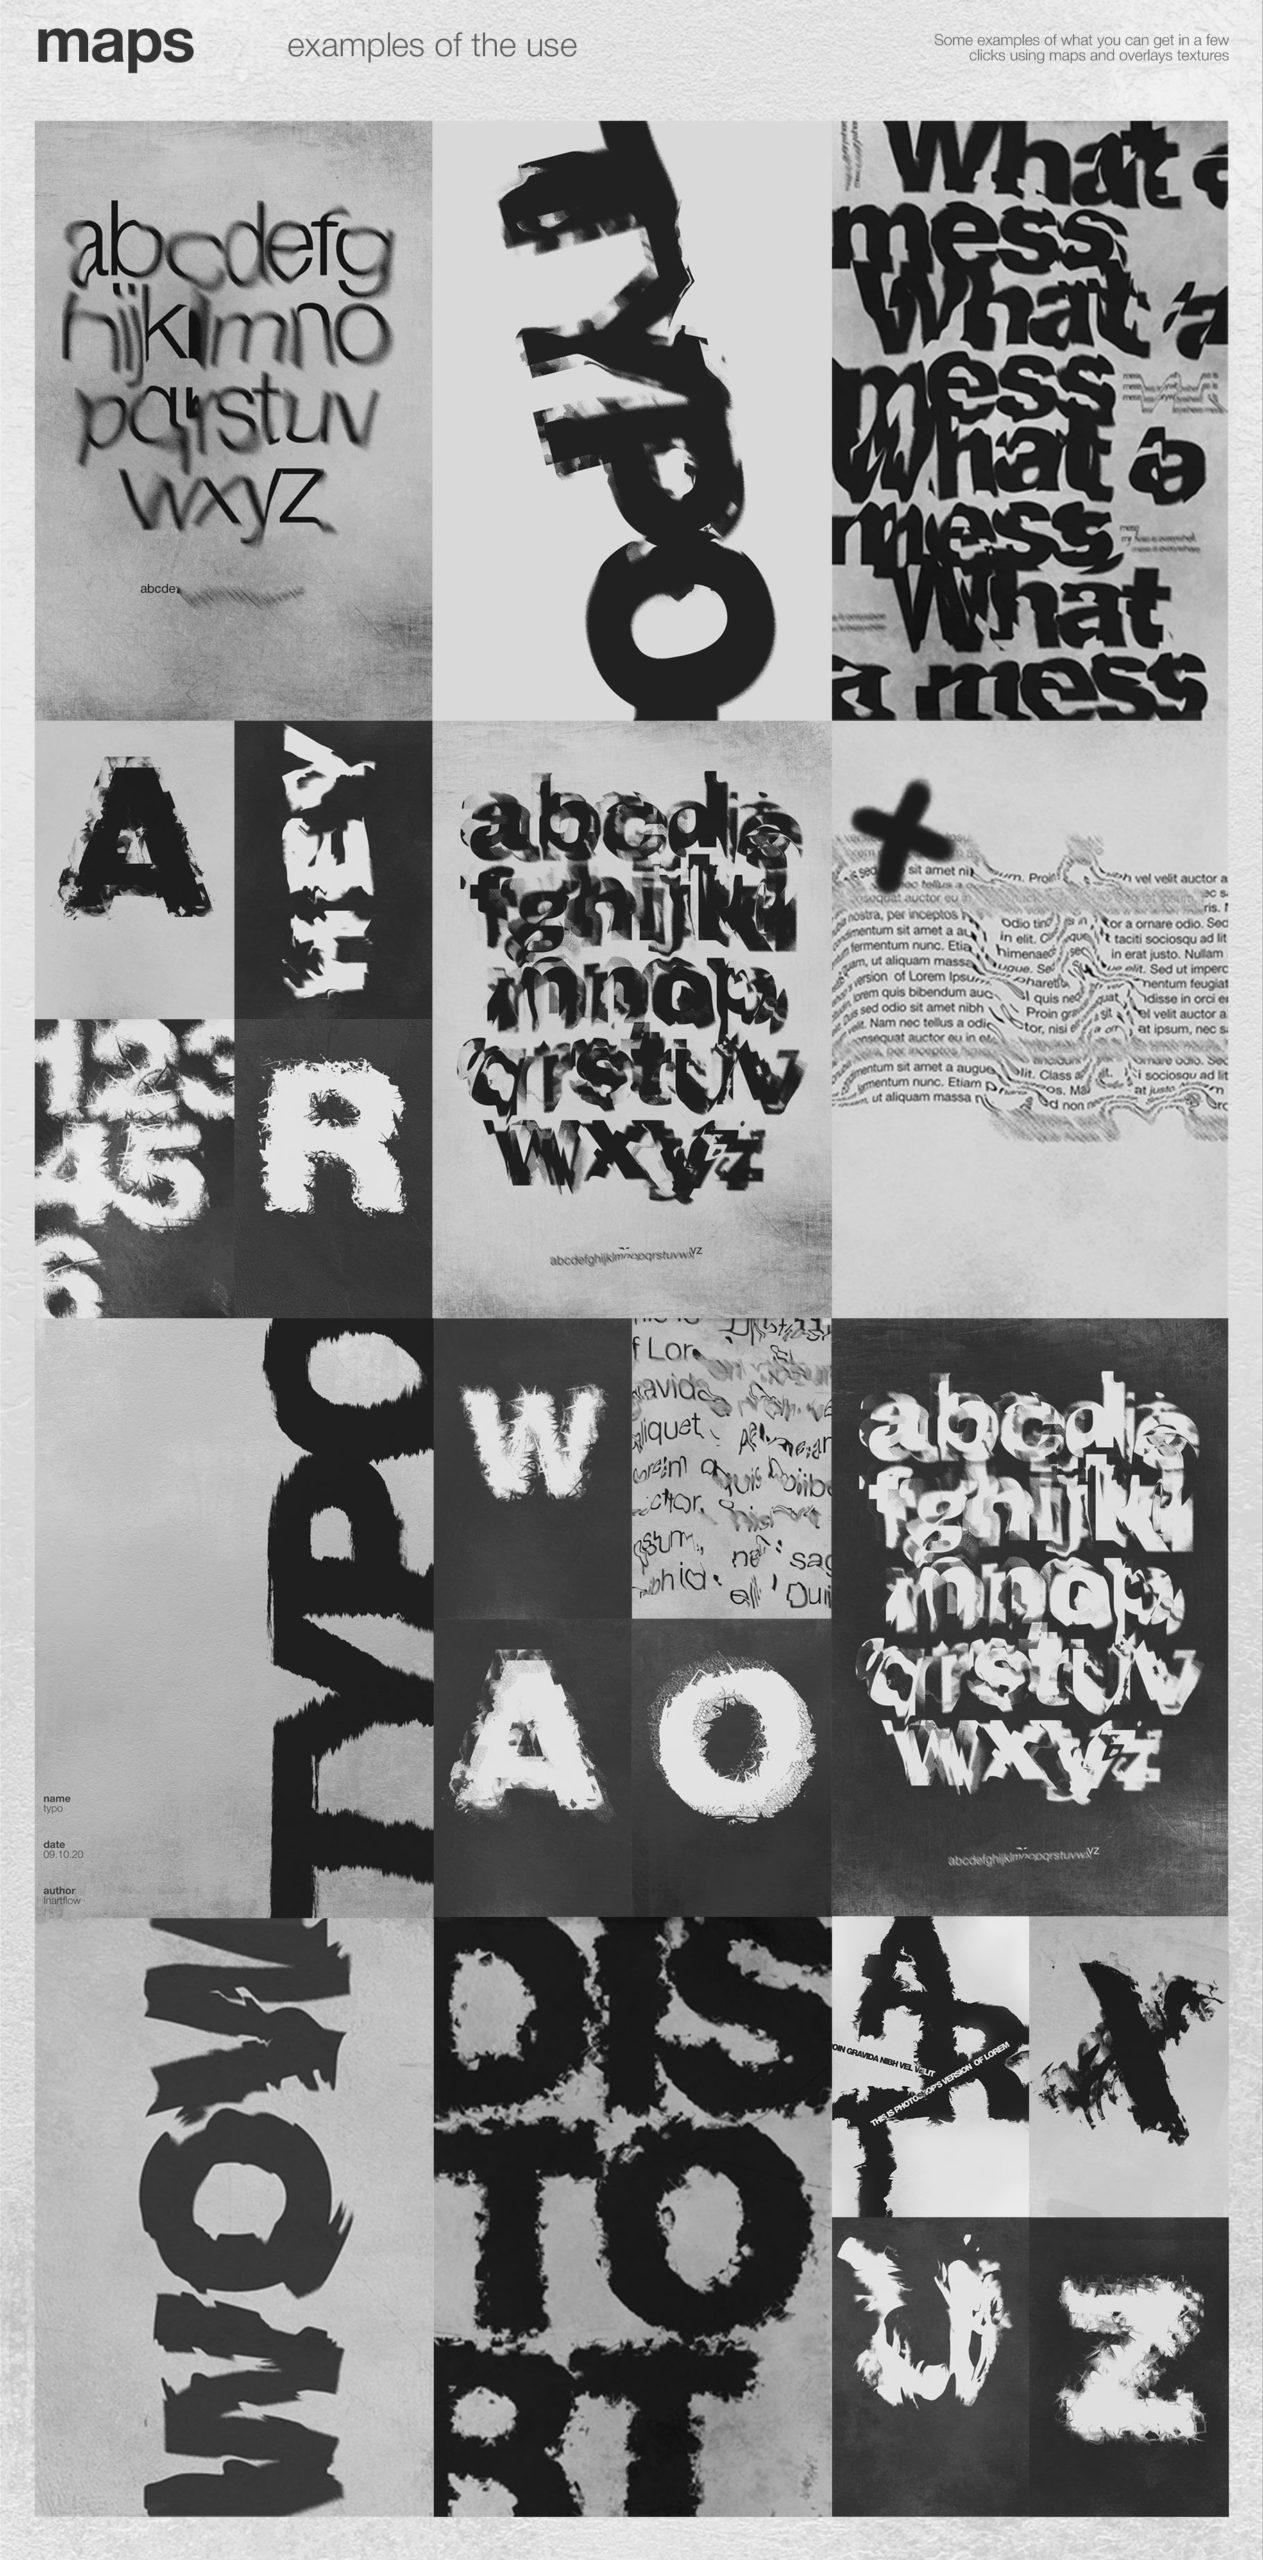 潮流创意抽象故障扭曲置换海报字体特效PS设计素材 Kinetic – Displacement Maps插图3